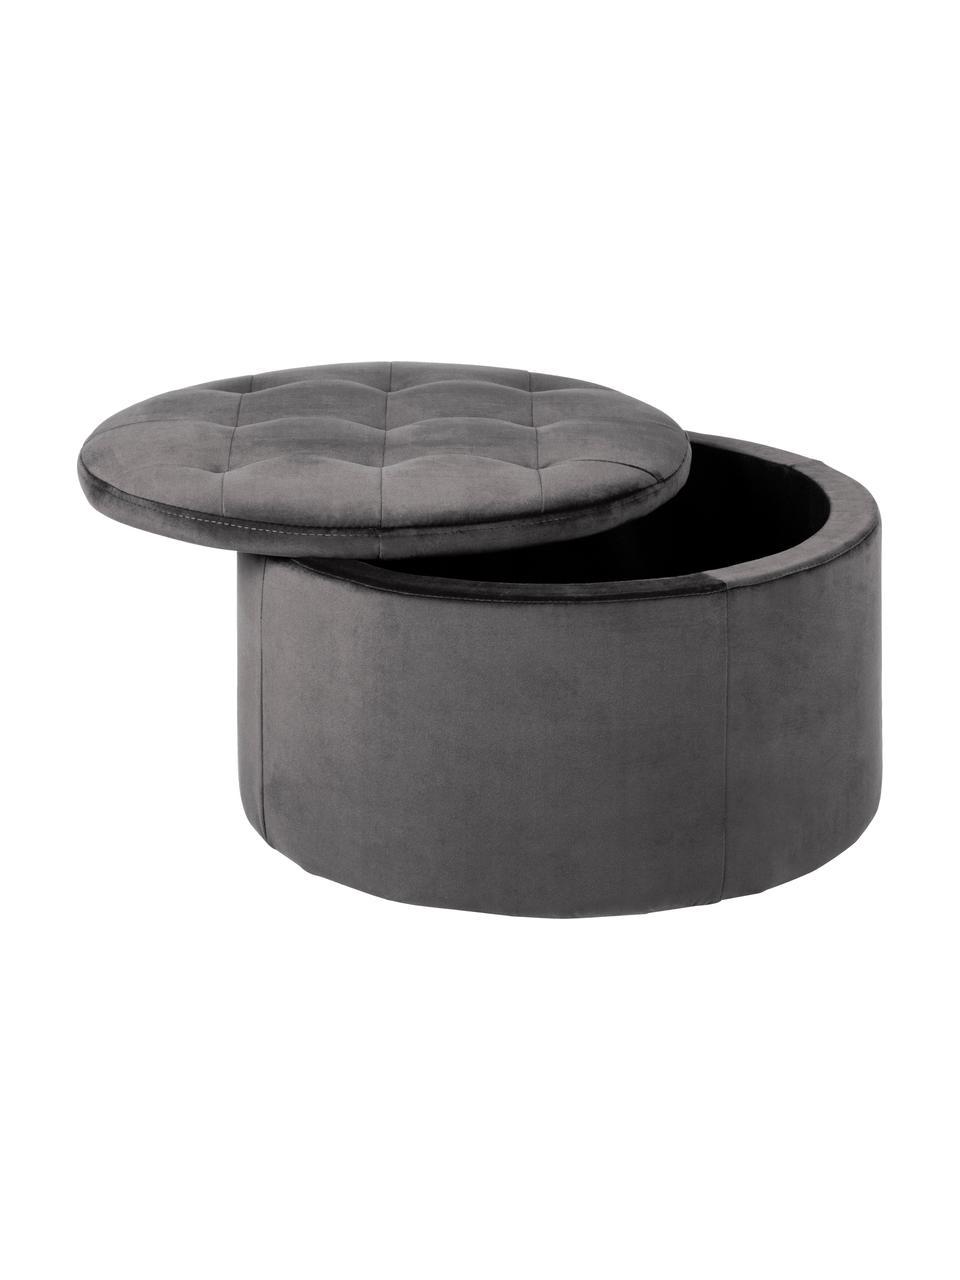 Samt-Hocker Retina mit Stauraum in Grau, Bezug: Polyestersamt 25.000 Sche, Gestell: Mitteldichte Holzfaserpla, Dunkelgrau, Ø 60 x H 35 cm